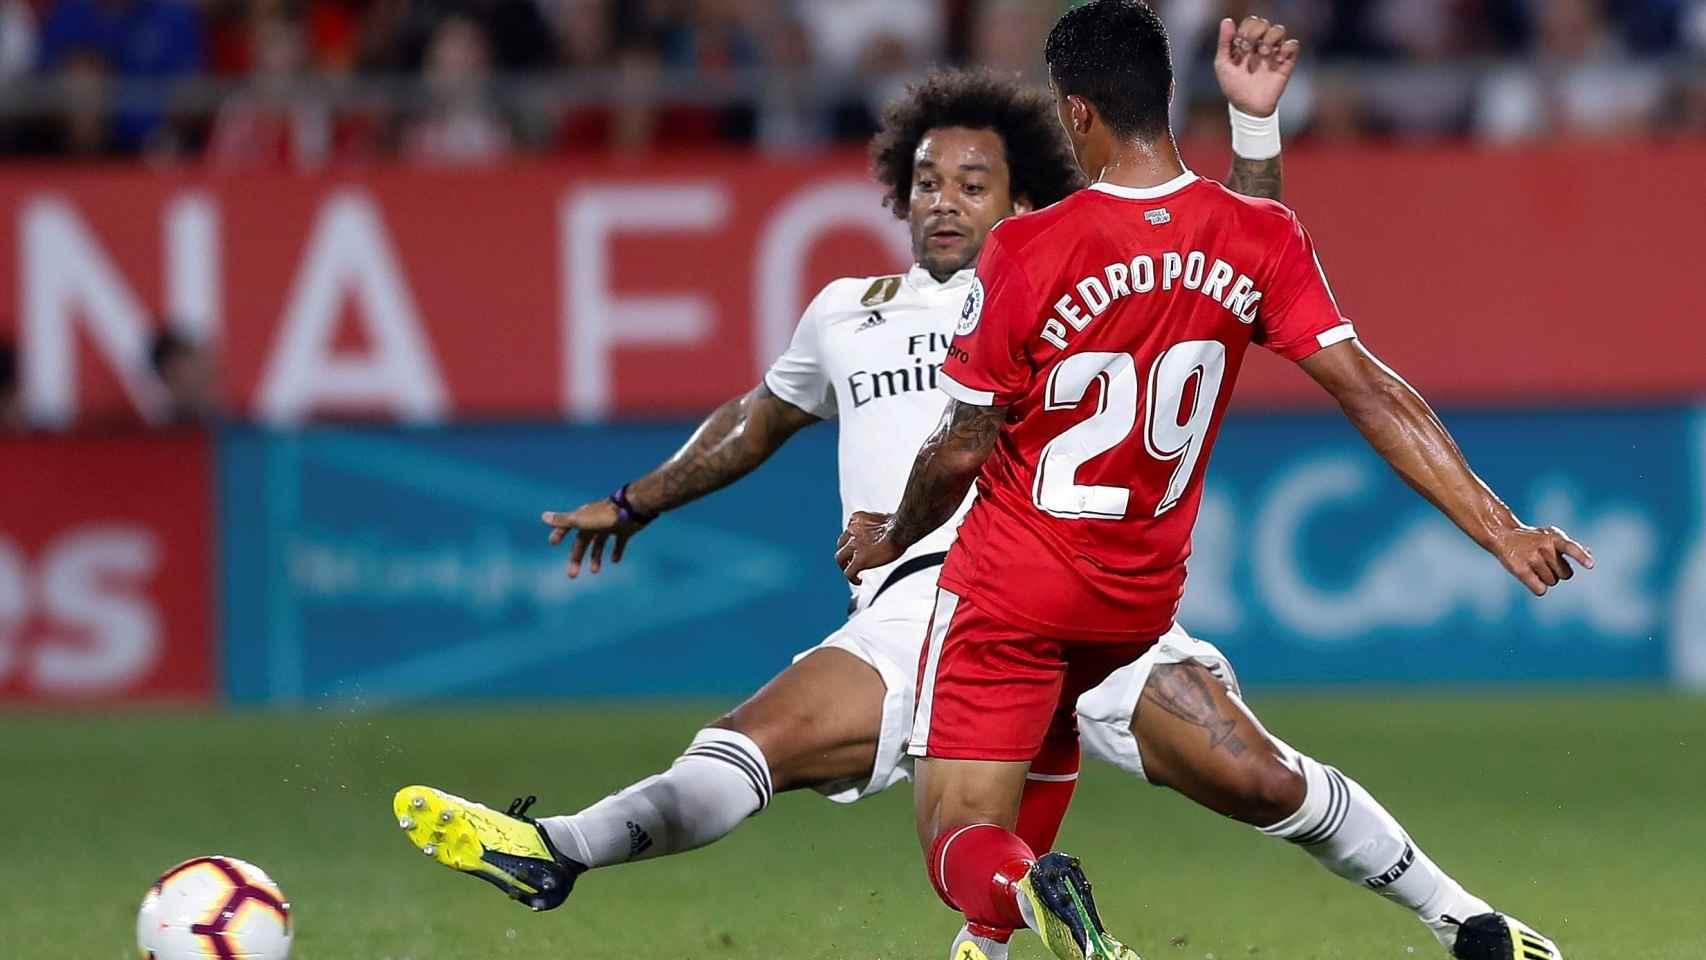 Pedro Porro y Marcelo pelean por un balón